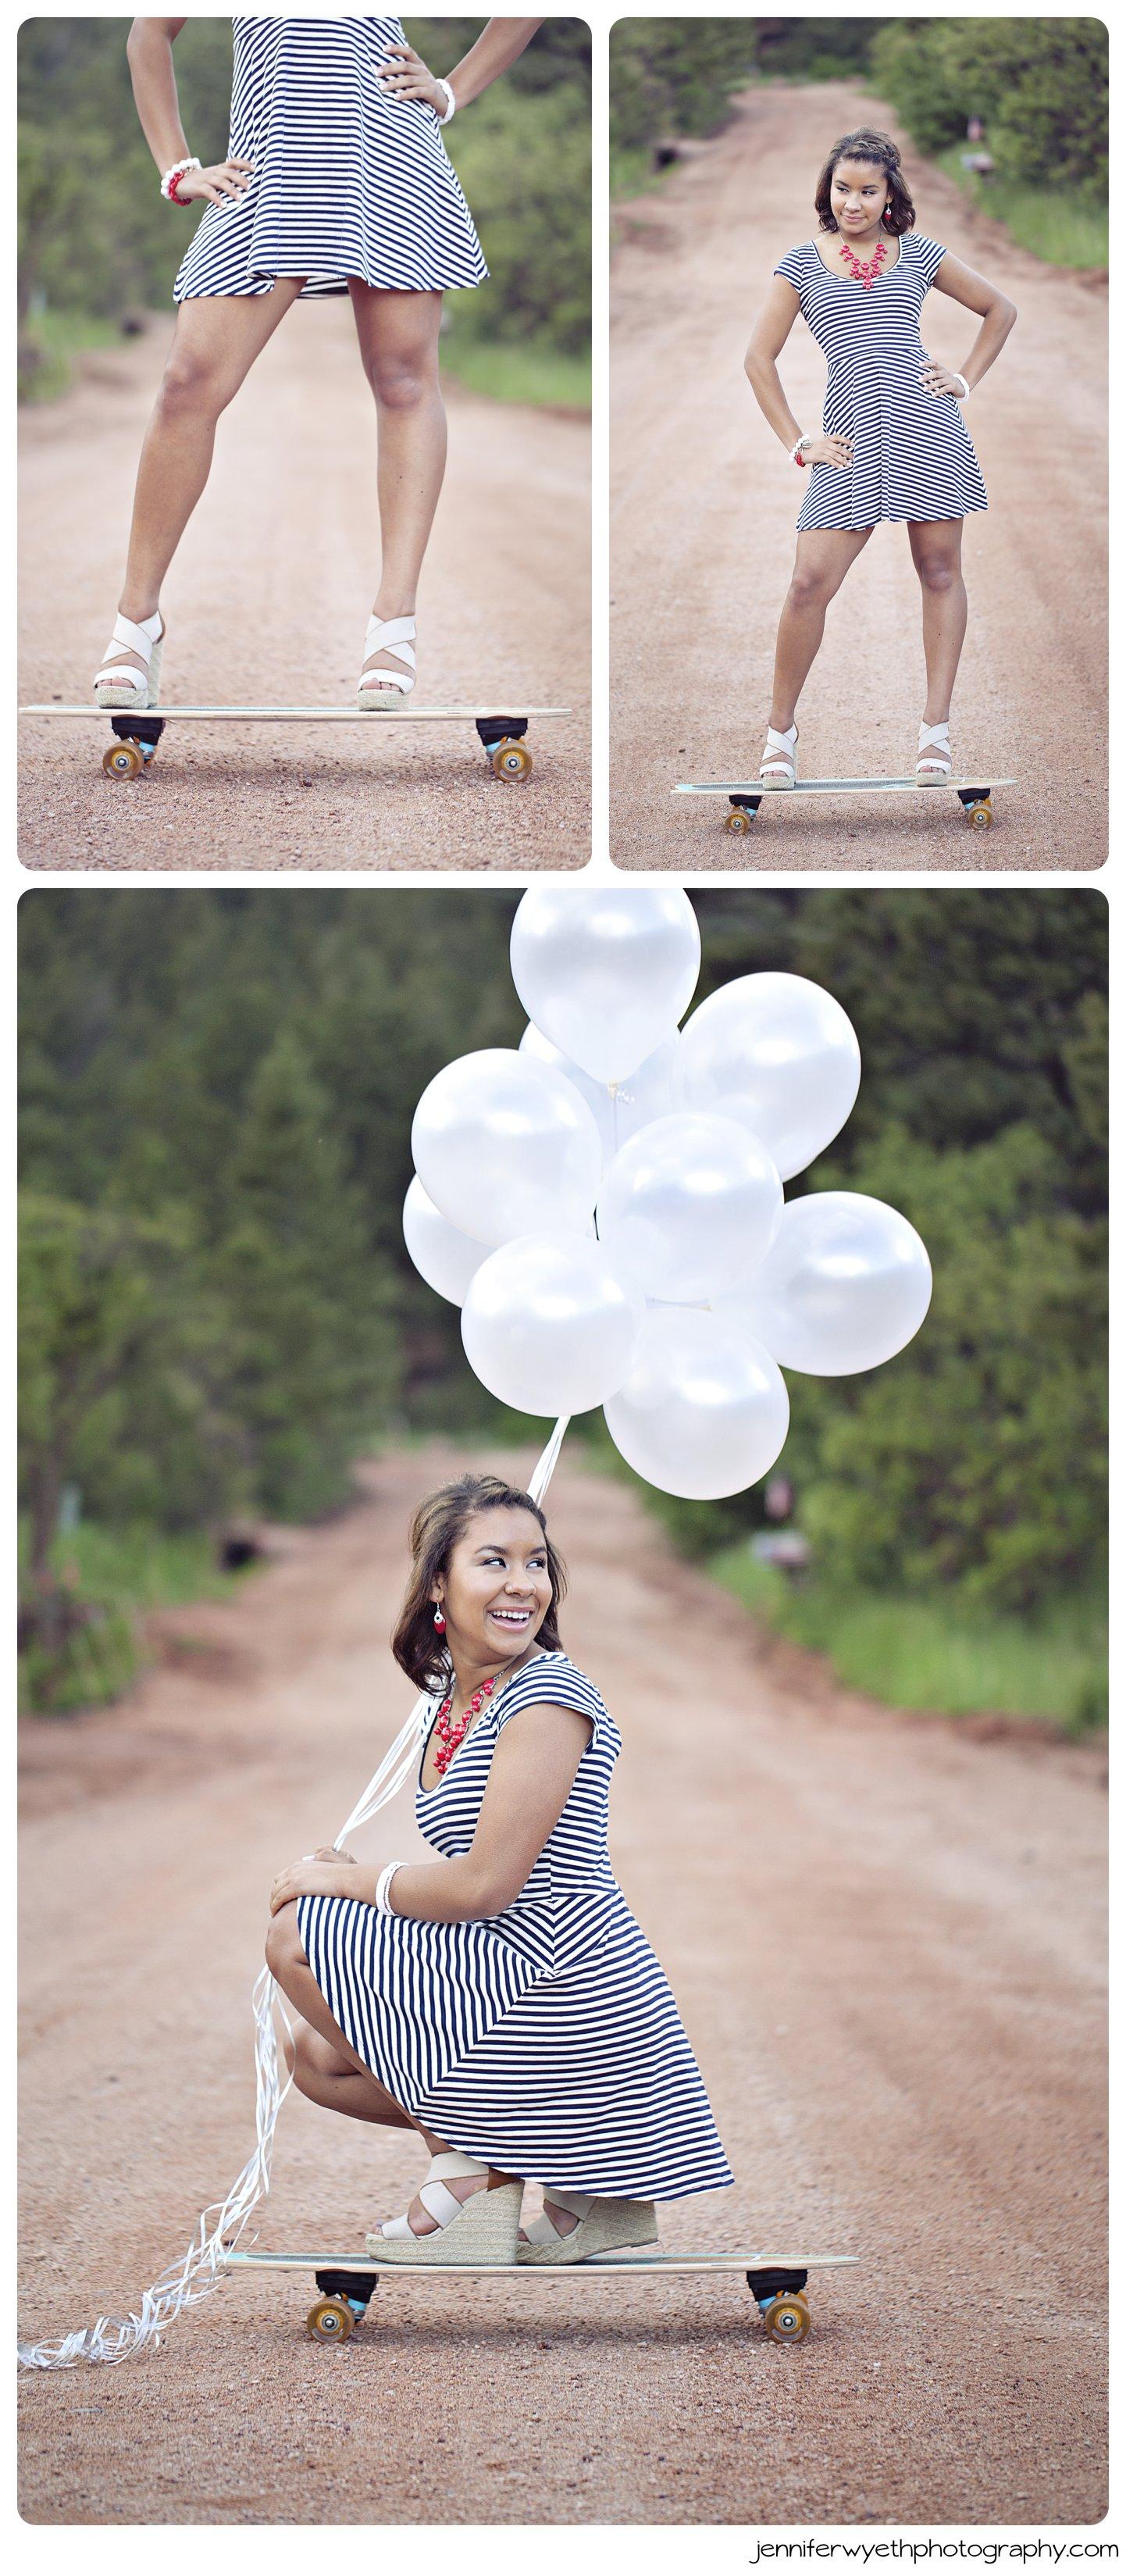 girl rides skateboard while she holds bushel of balloons